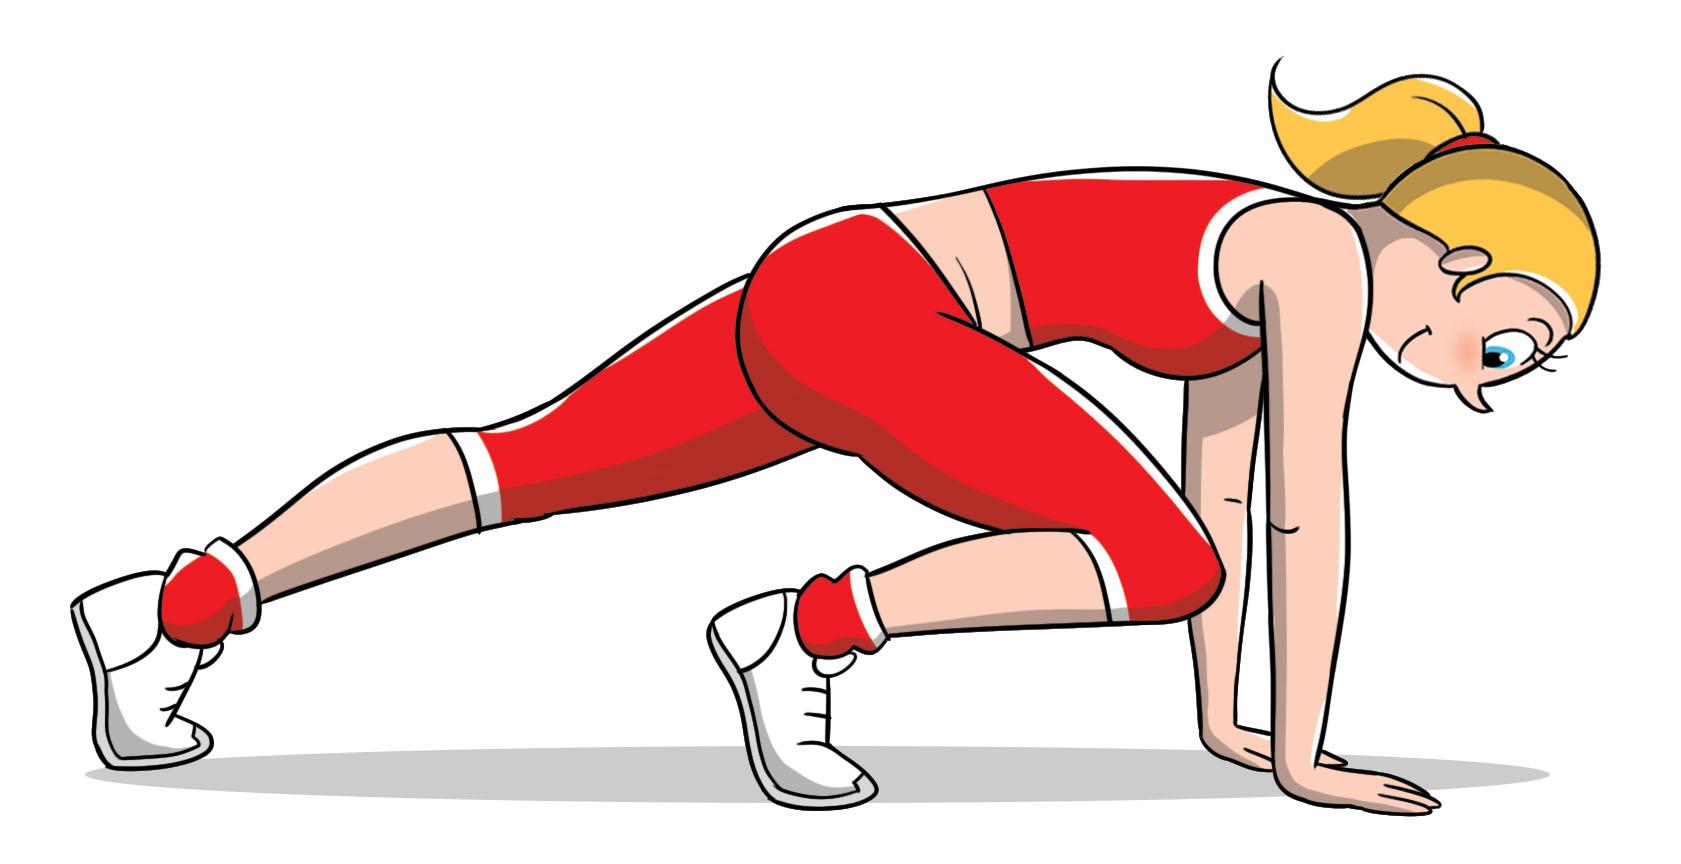 allenamento brucia grassi con la sedia: